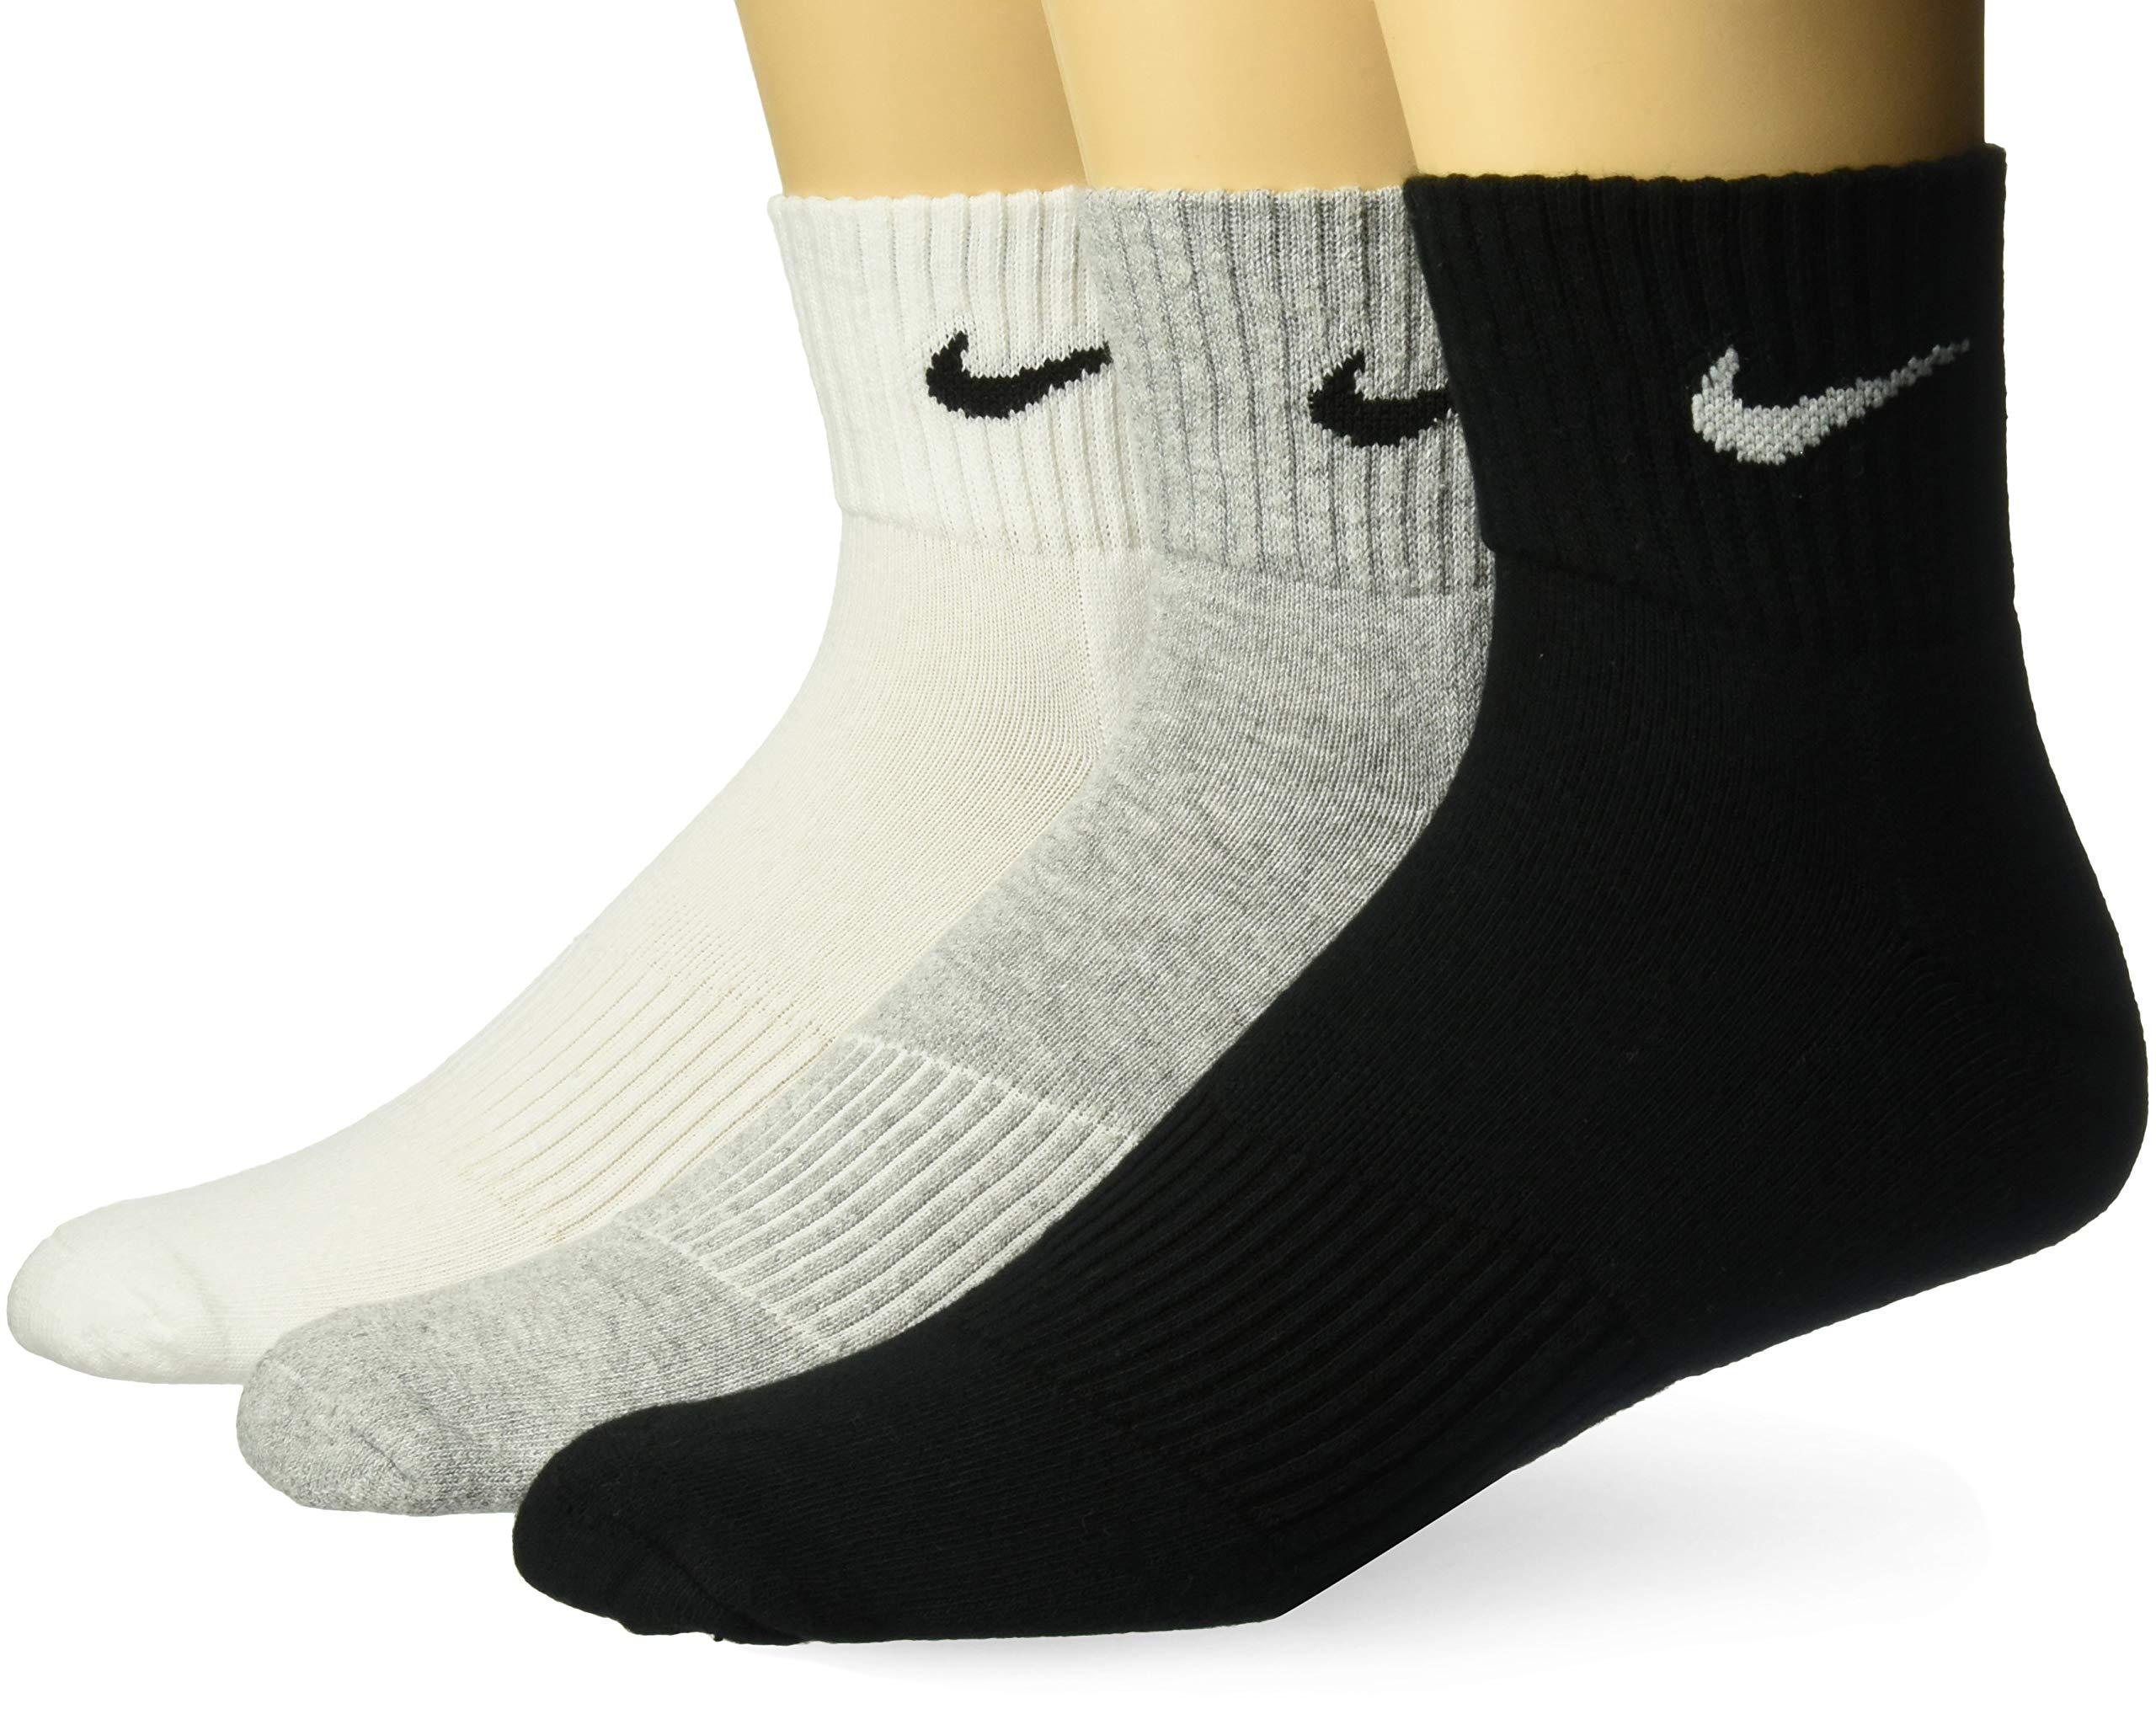 Nike 3PPK Cushion Quarter, Calcetines unisex, paquete de 3 unidades, Gris / Negro